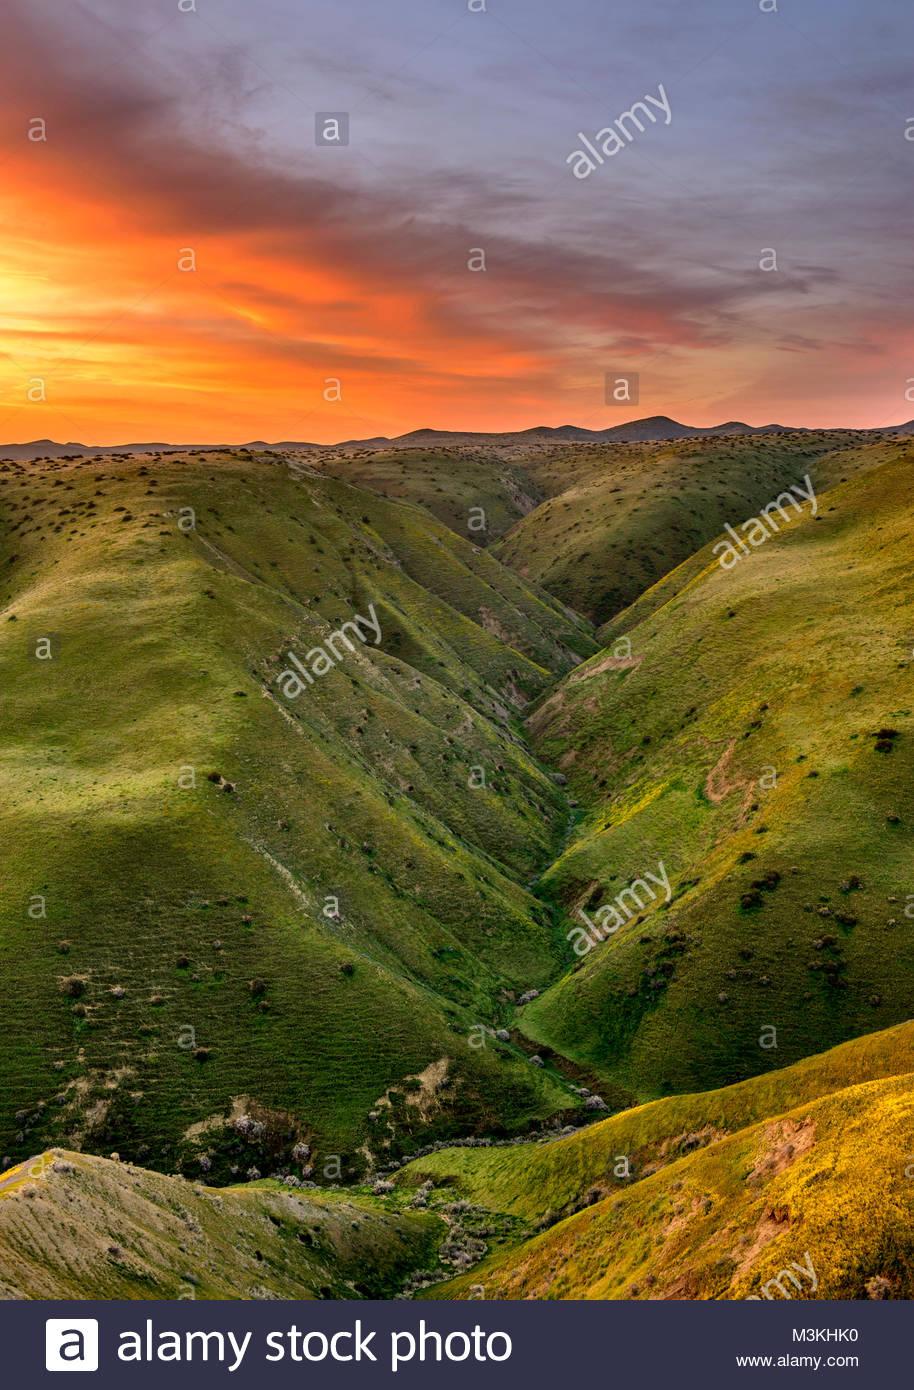 Panoche colinas Desierto Área de estudio antes del amanecer, el condado de Fresno, California Imagen De Stock